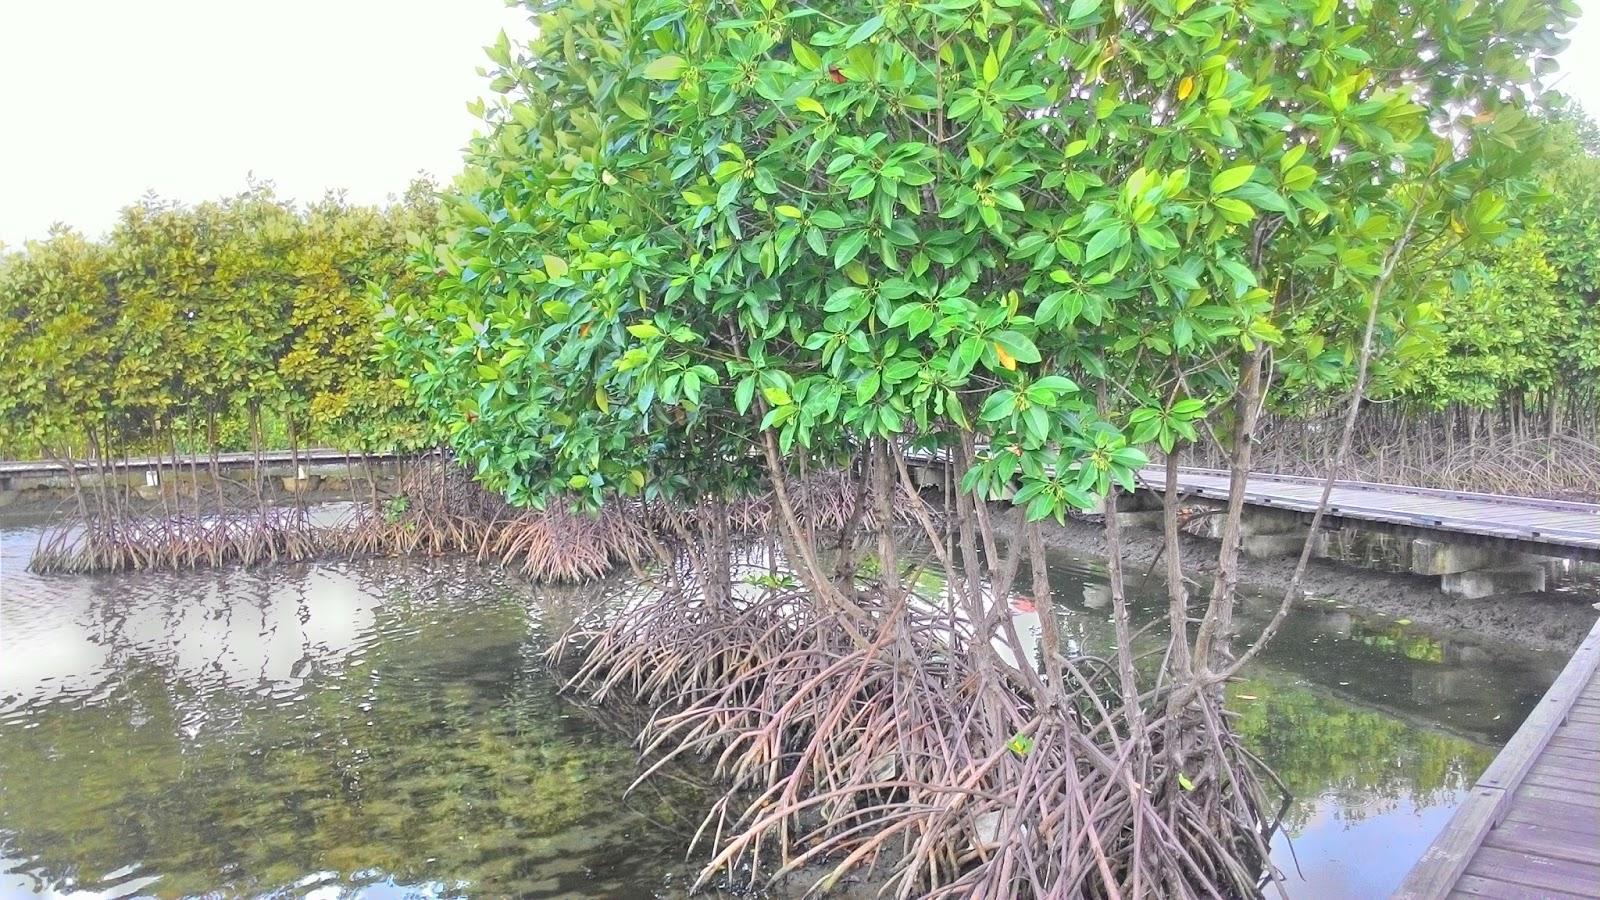 Hutan Kota Banda Aceh Berawal Mimpi Nowayreturn Bulan Mei 2011